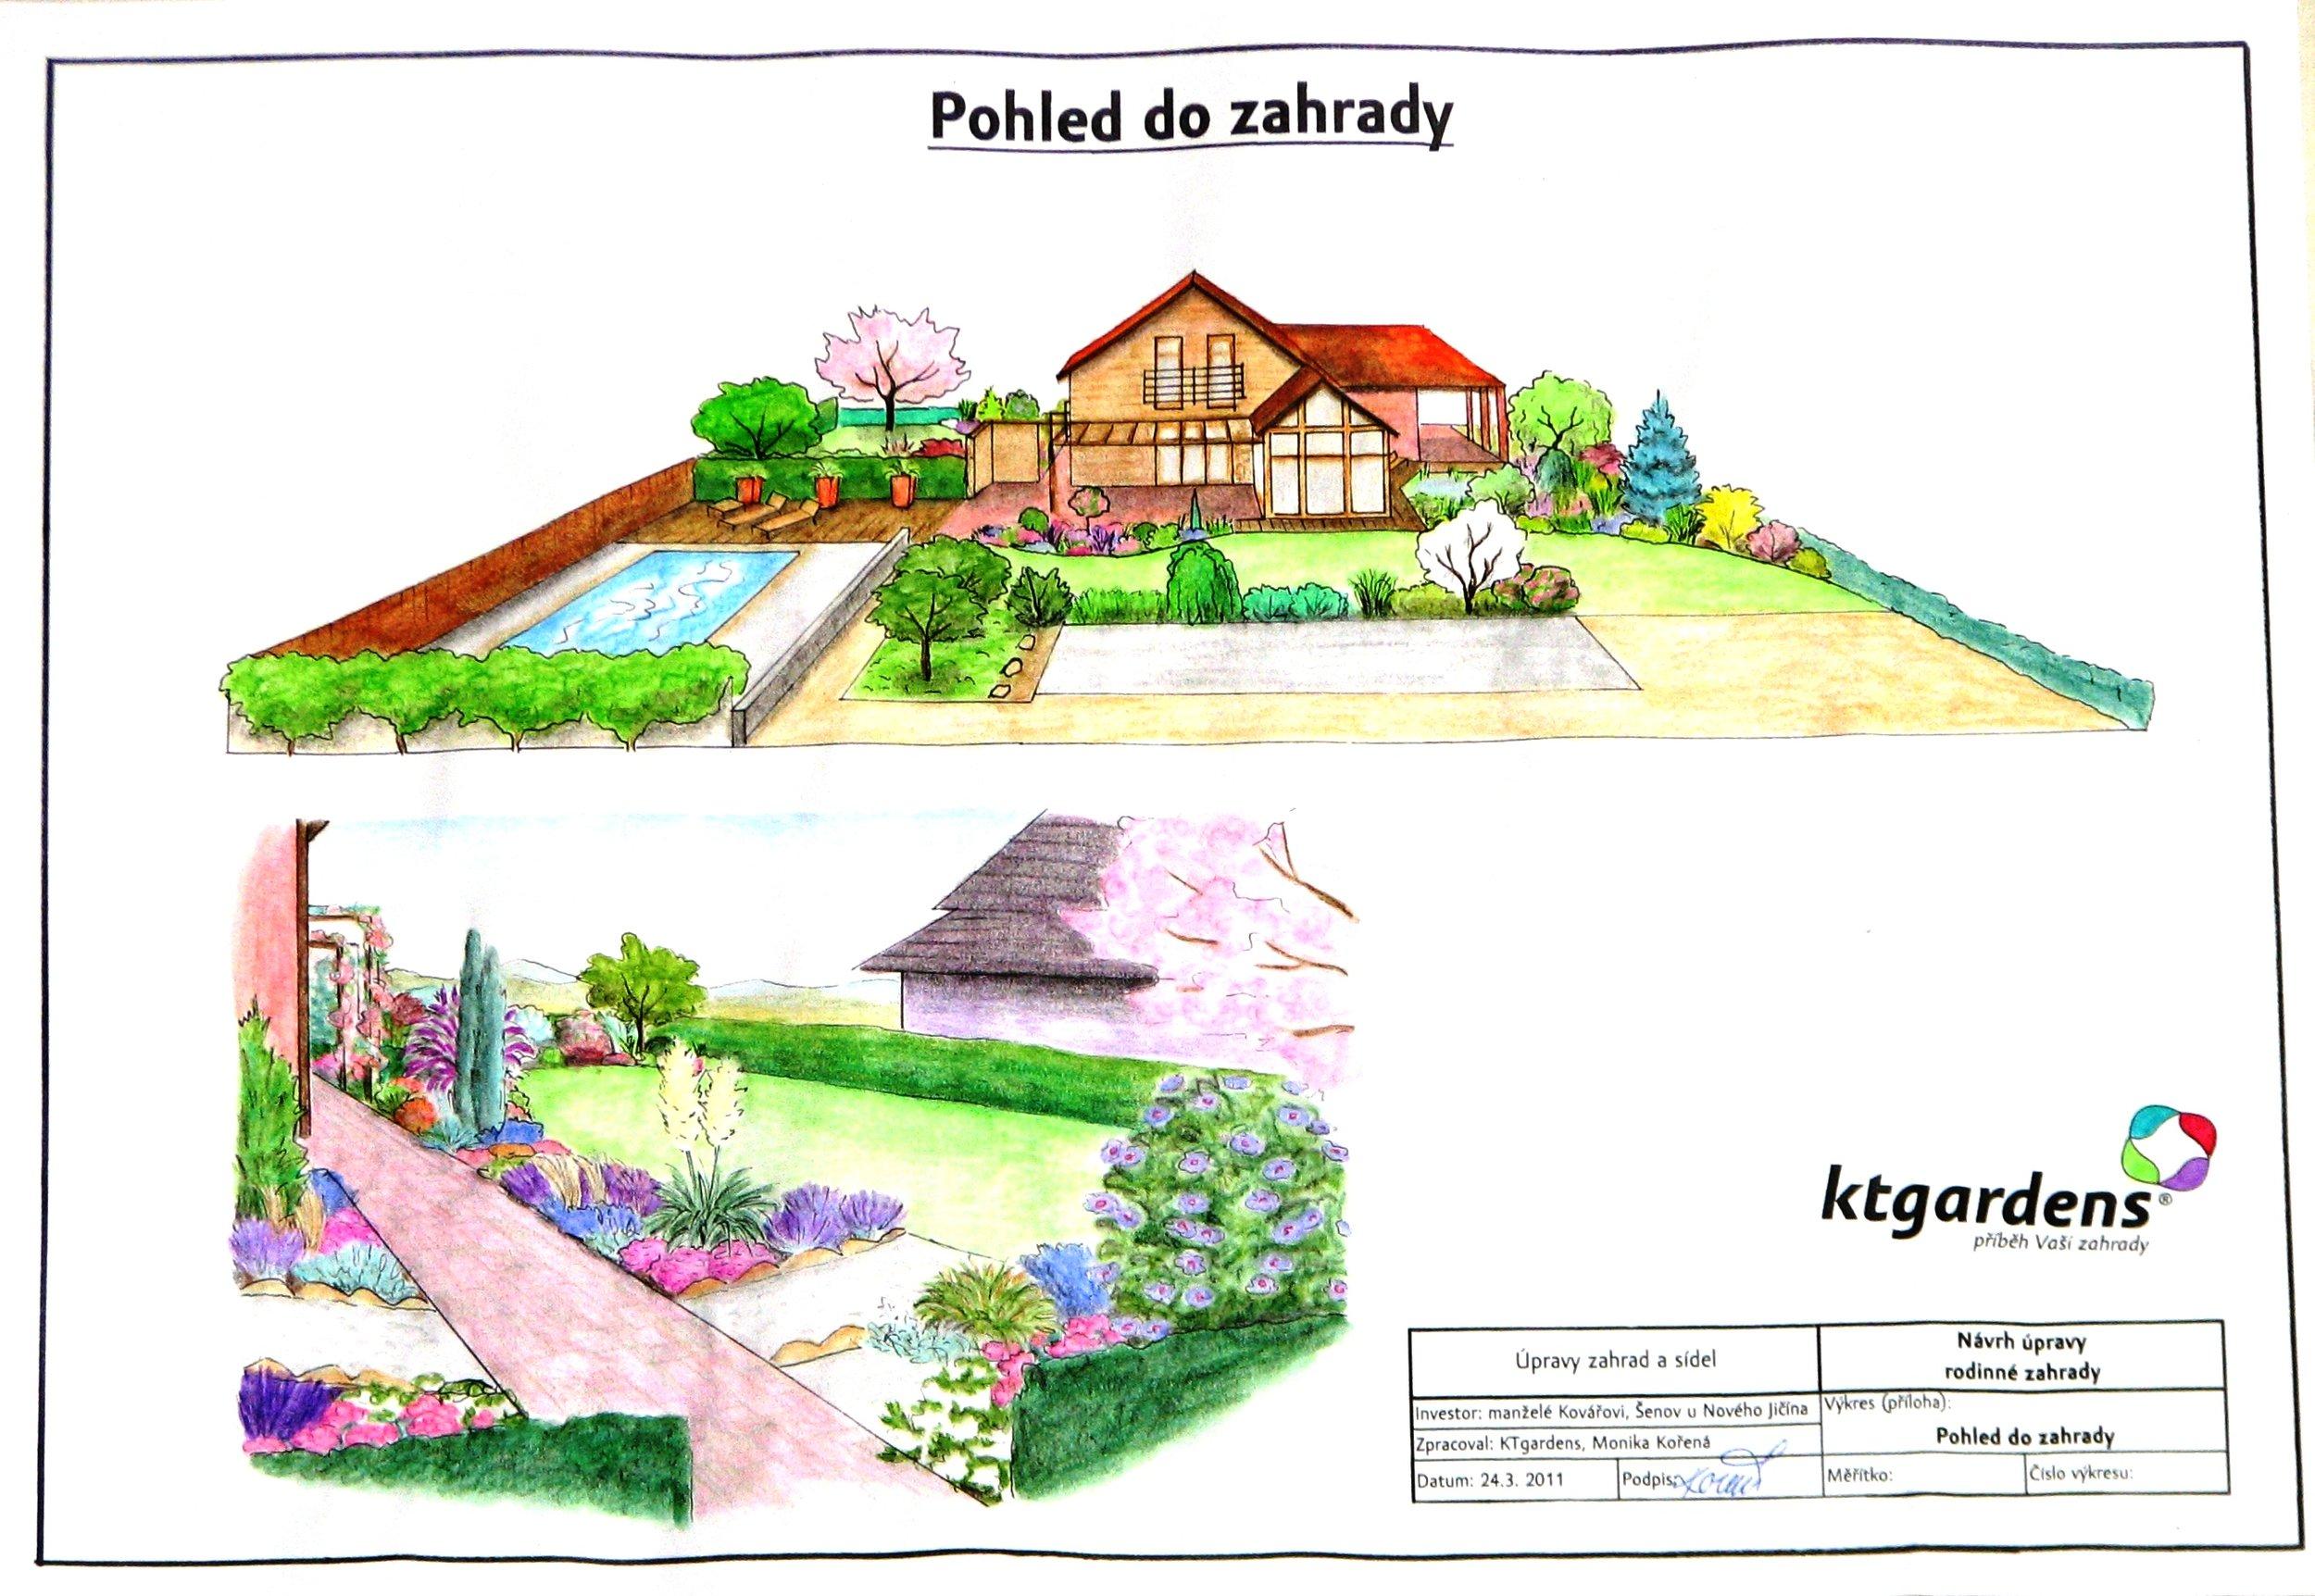 Návrh zahrady v Šenově u Nového Jičína, romantická zahrada, KTgardens